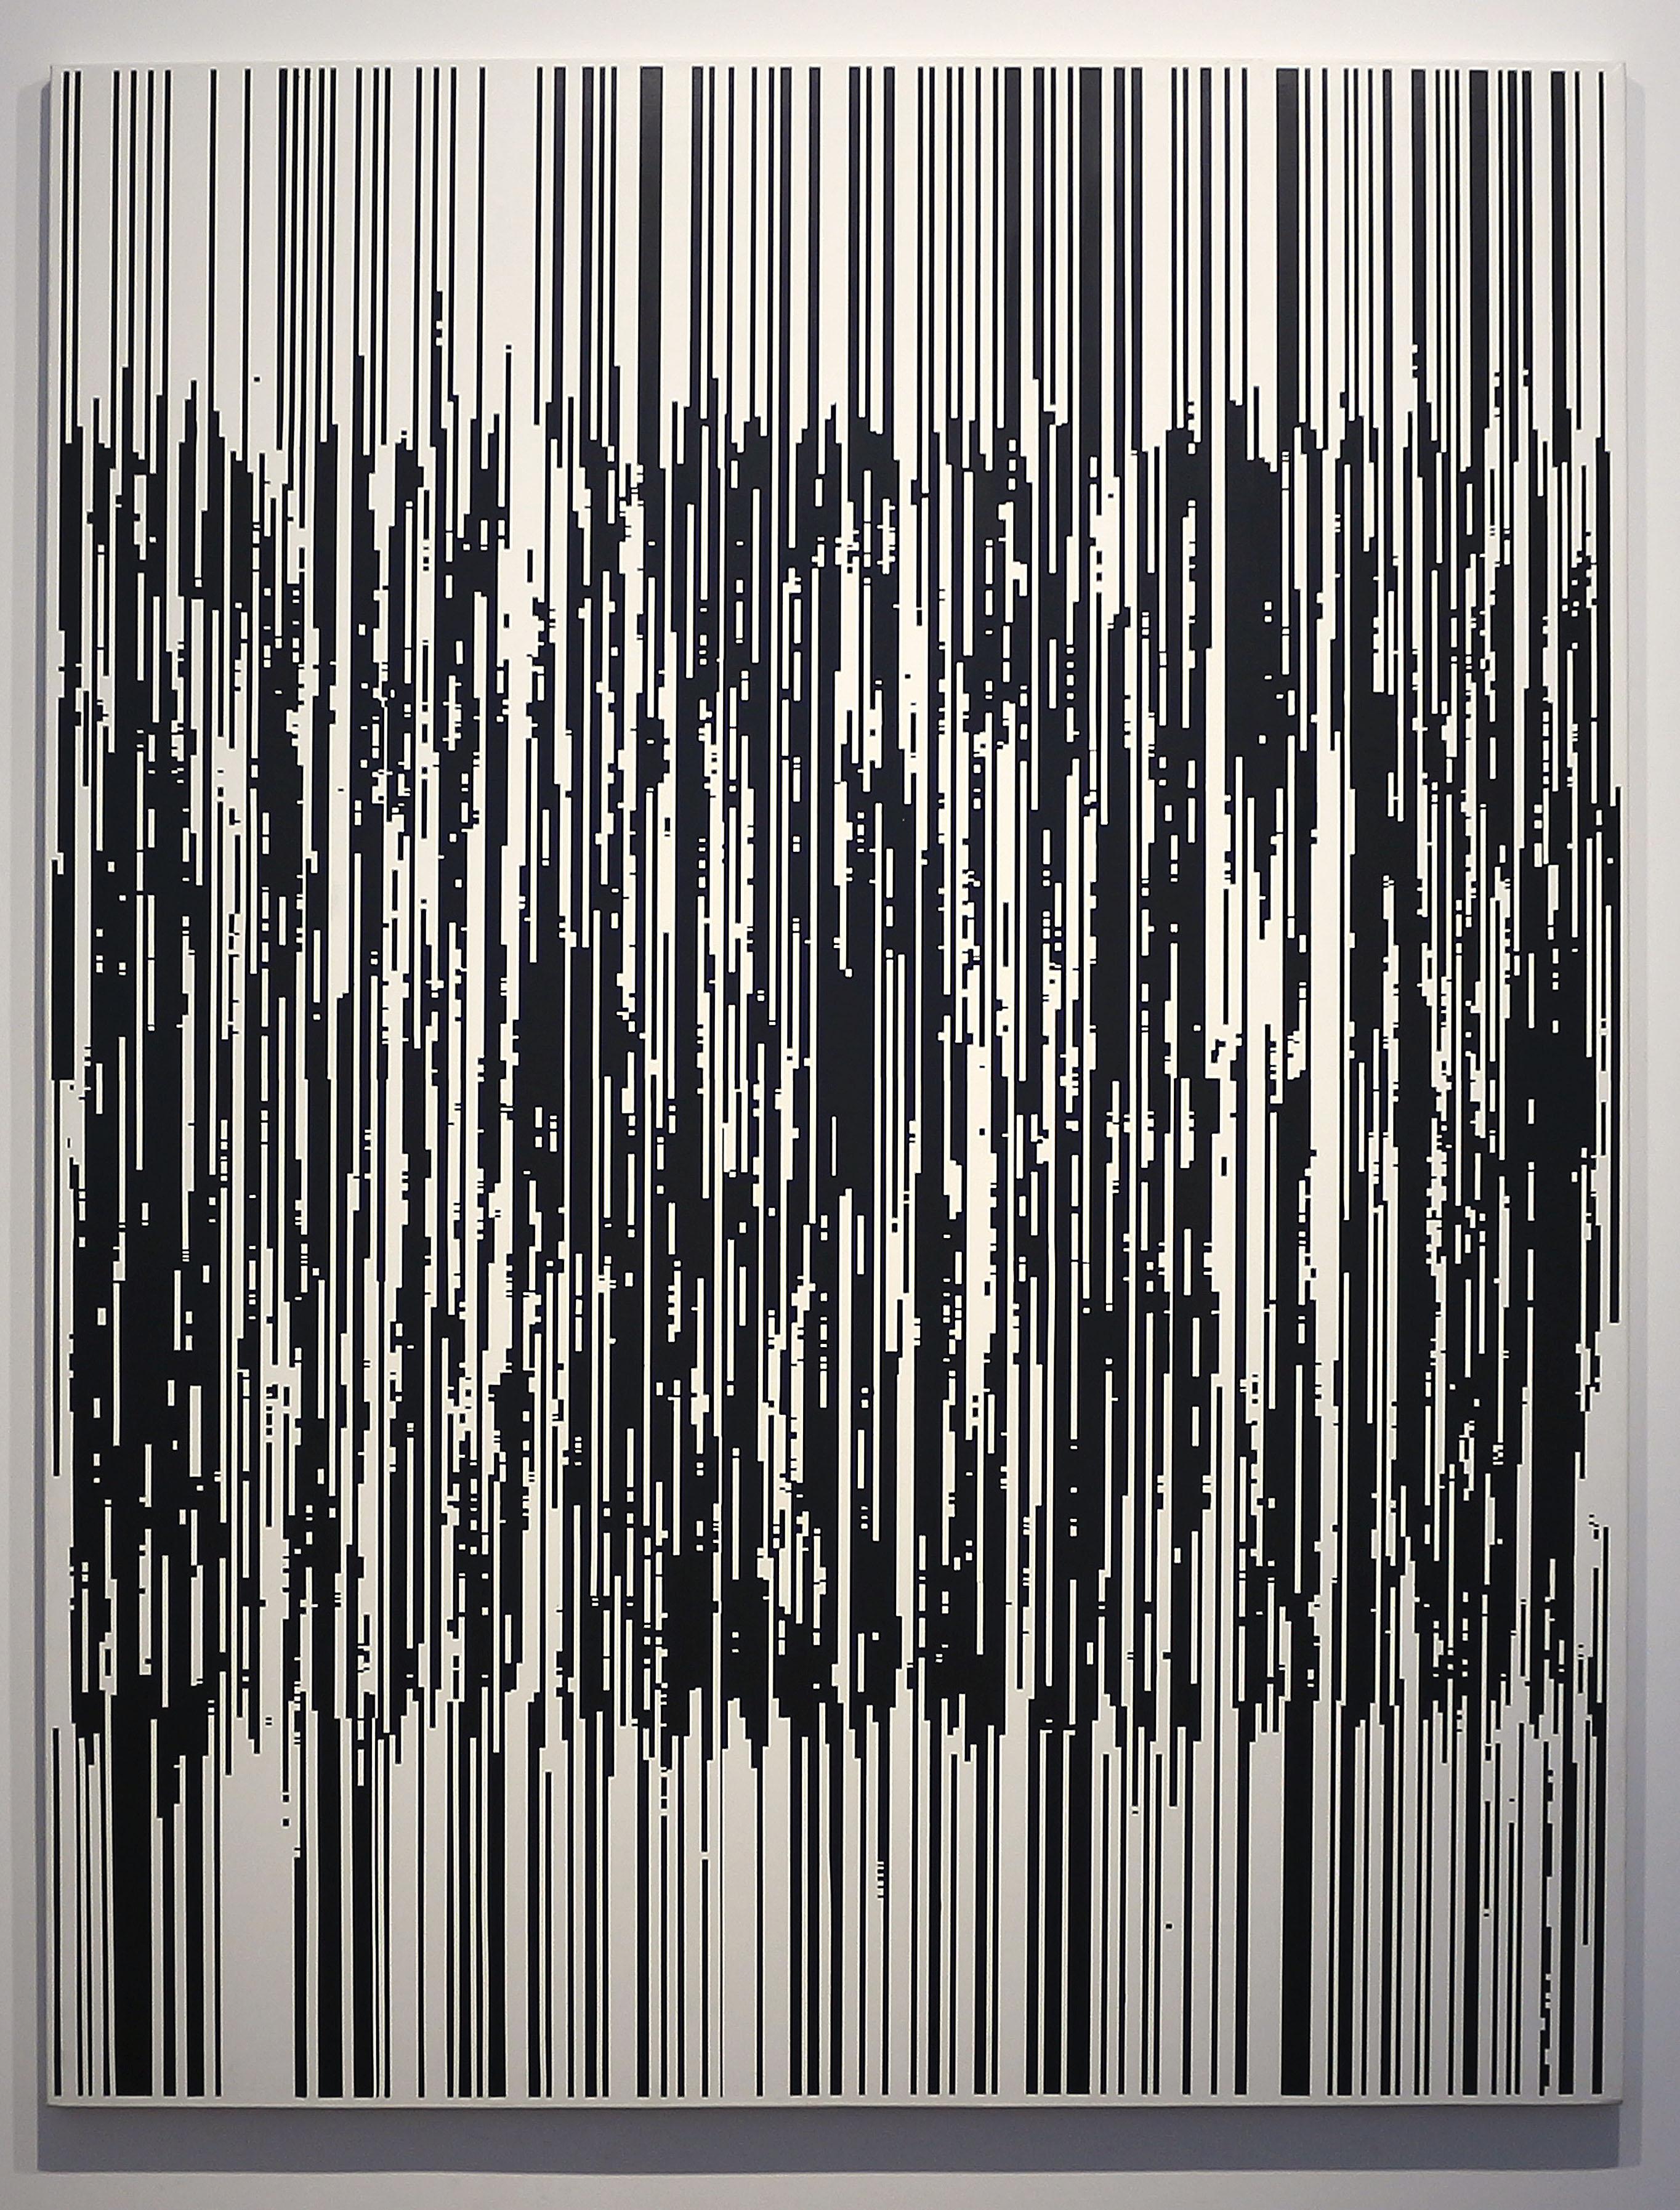 J. PARK_2016 Maze-201651244_Acrylic on canvas_162.2x130.3cm